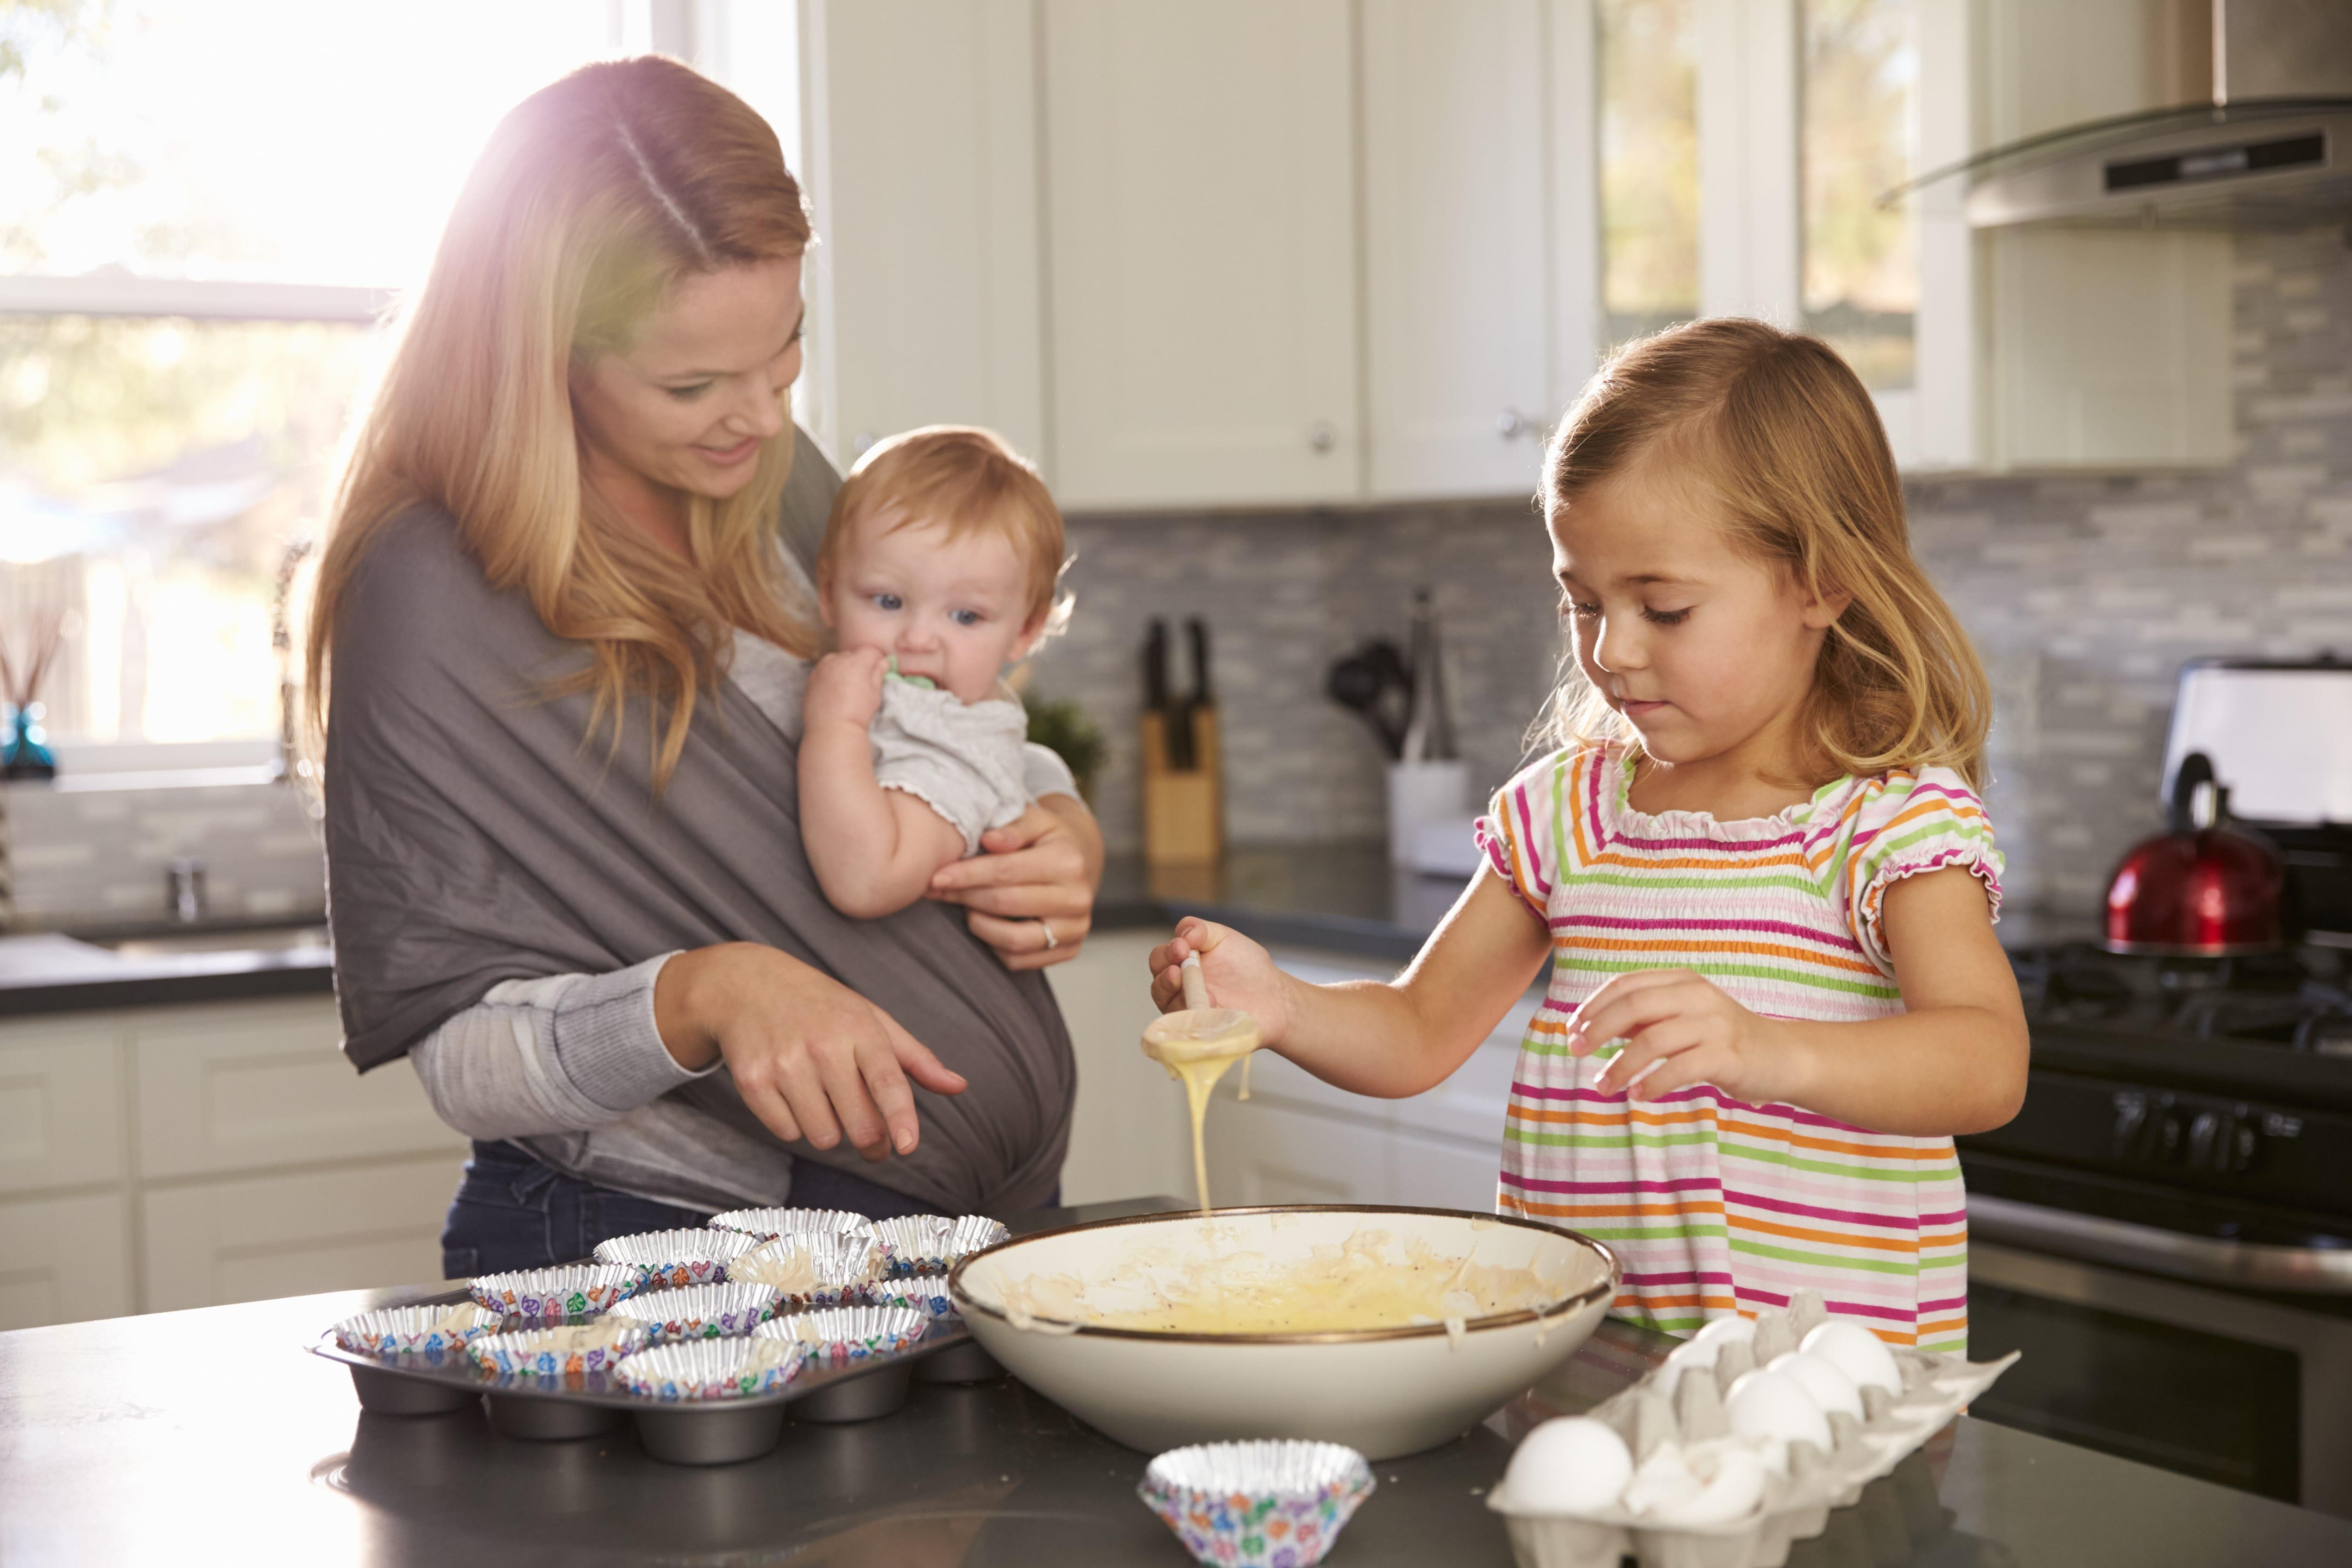 Küche kindersicher machen - 5 notwendige Maßnahmen | Elha Service